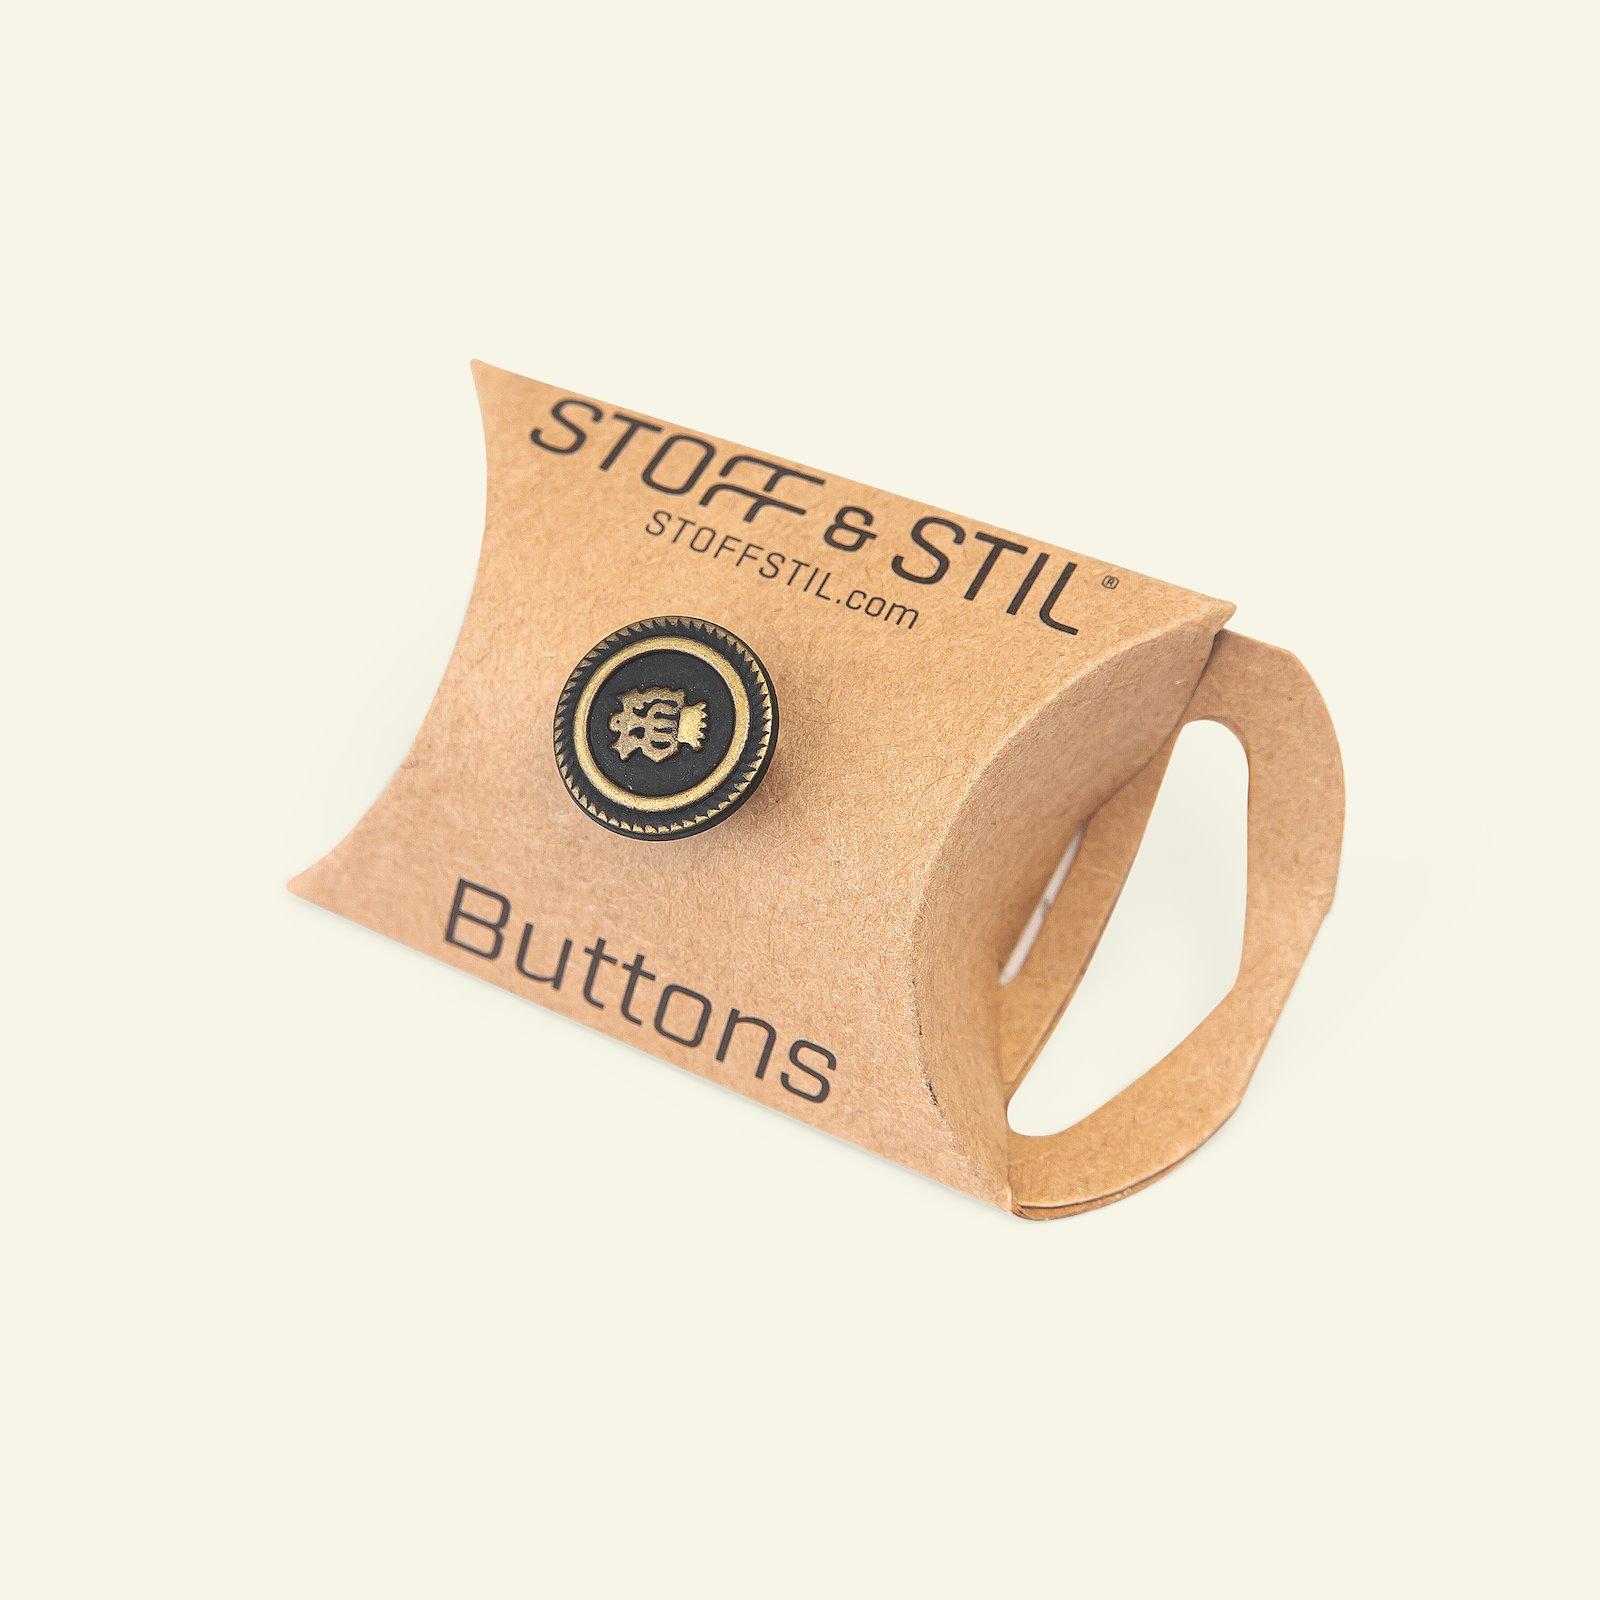 Shank button metal 14mm black/gold 4pcs 33597_pack_b